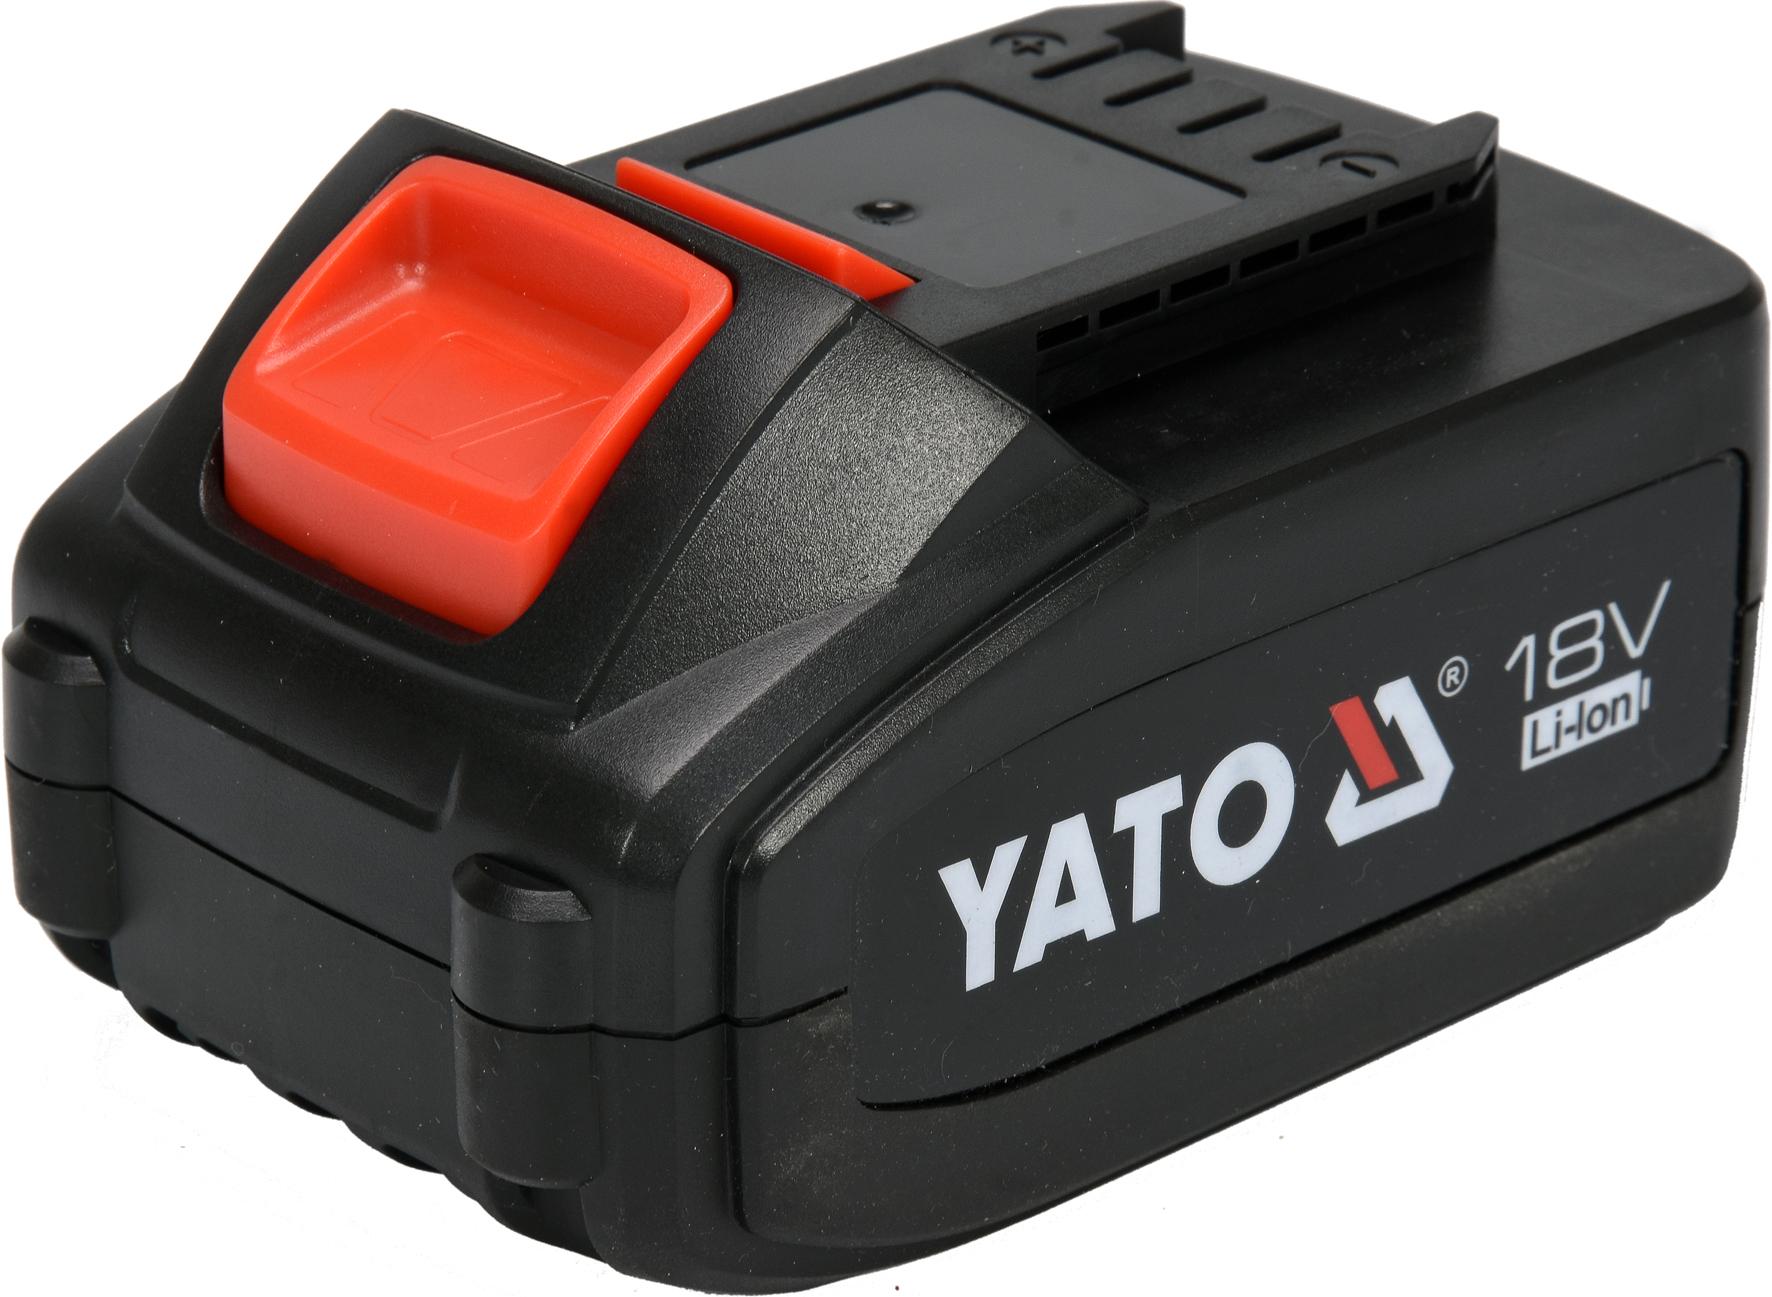 Baterie náhradní 18V Li-Ion 4.0 AH (YT-82782. YT-82788.YT-82826. YT-82804)